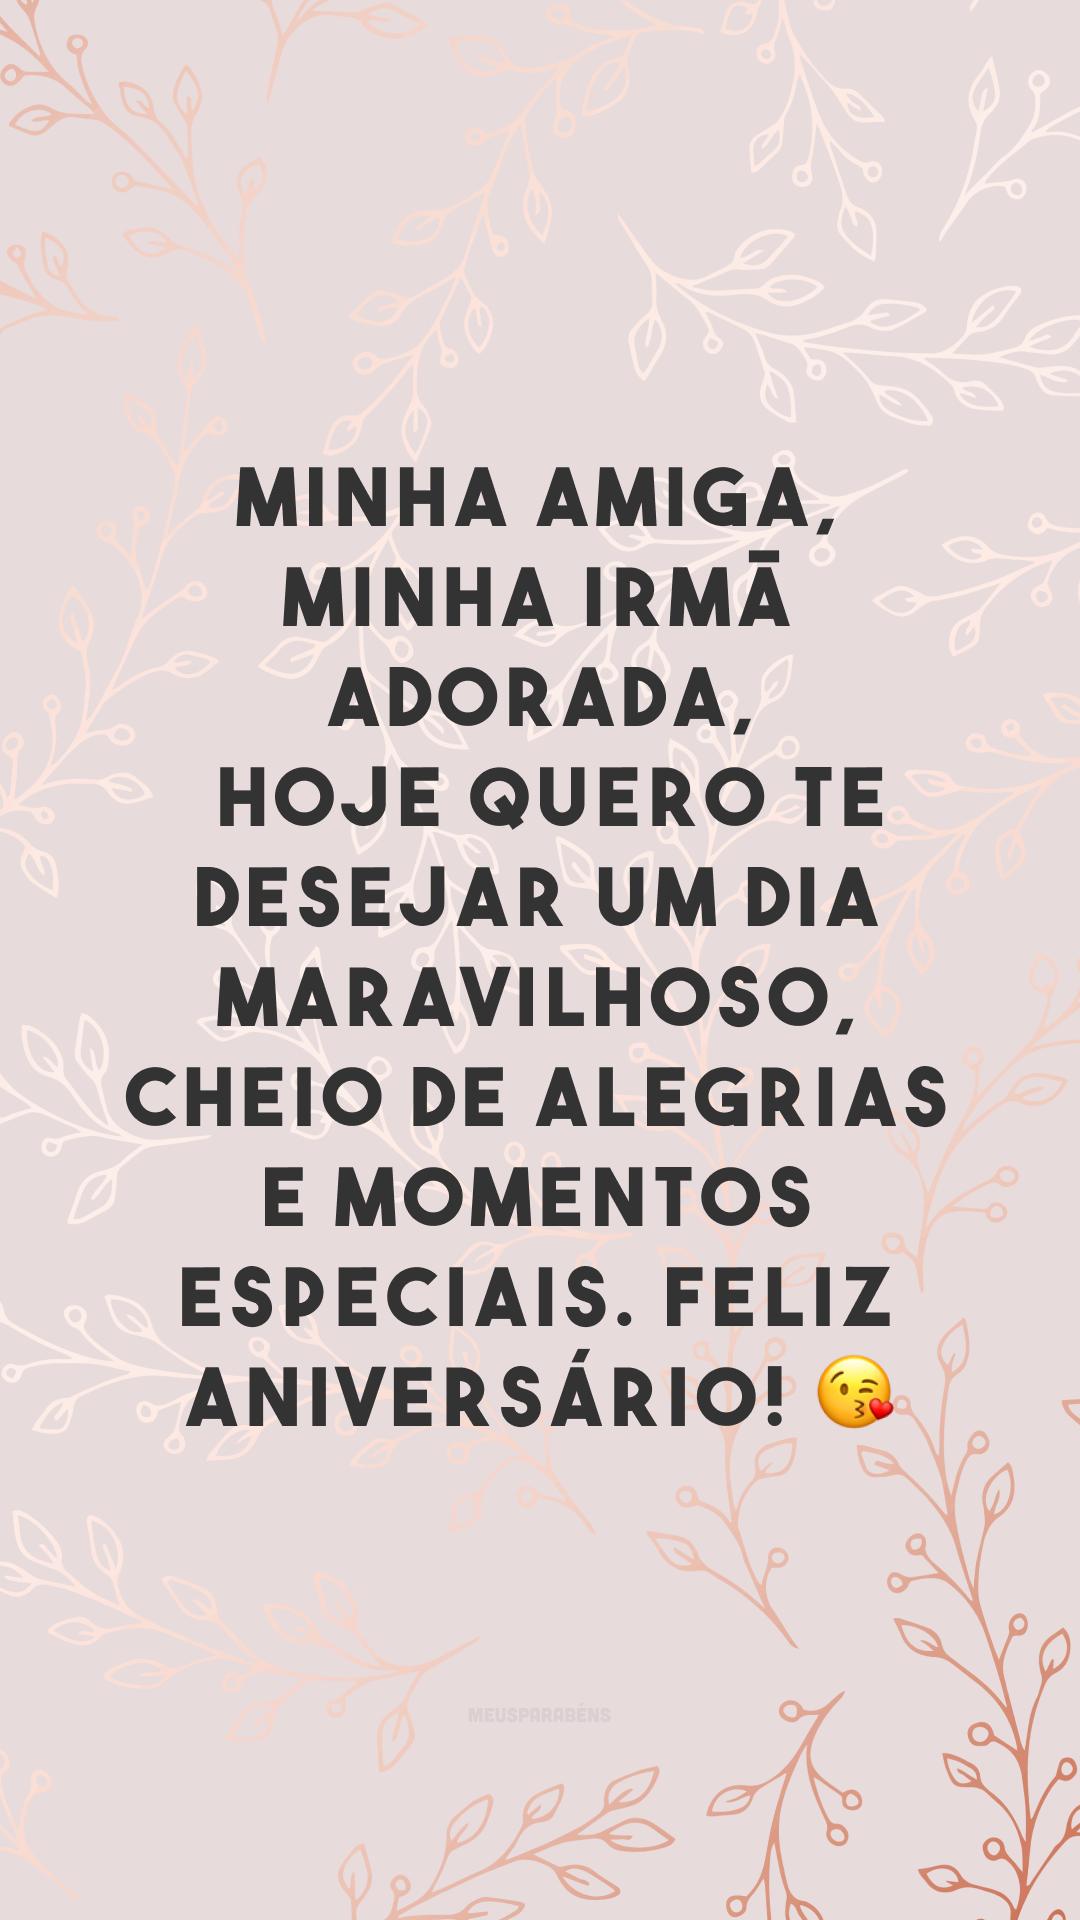 Minha amiga, minha irmã adorada, hoje quero te desejar um dia maravilhoso, cheio de alegrias e momentos especiais. Feliz aniversário! 😘